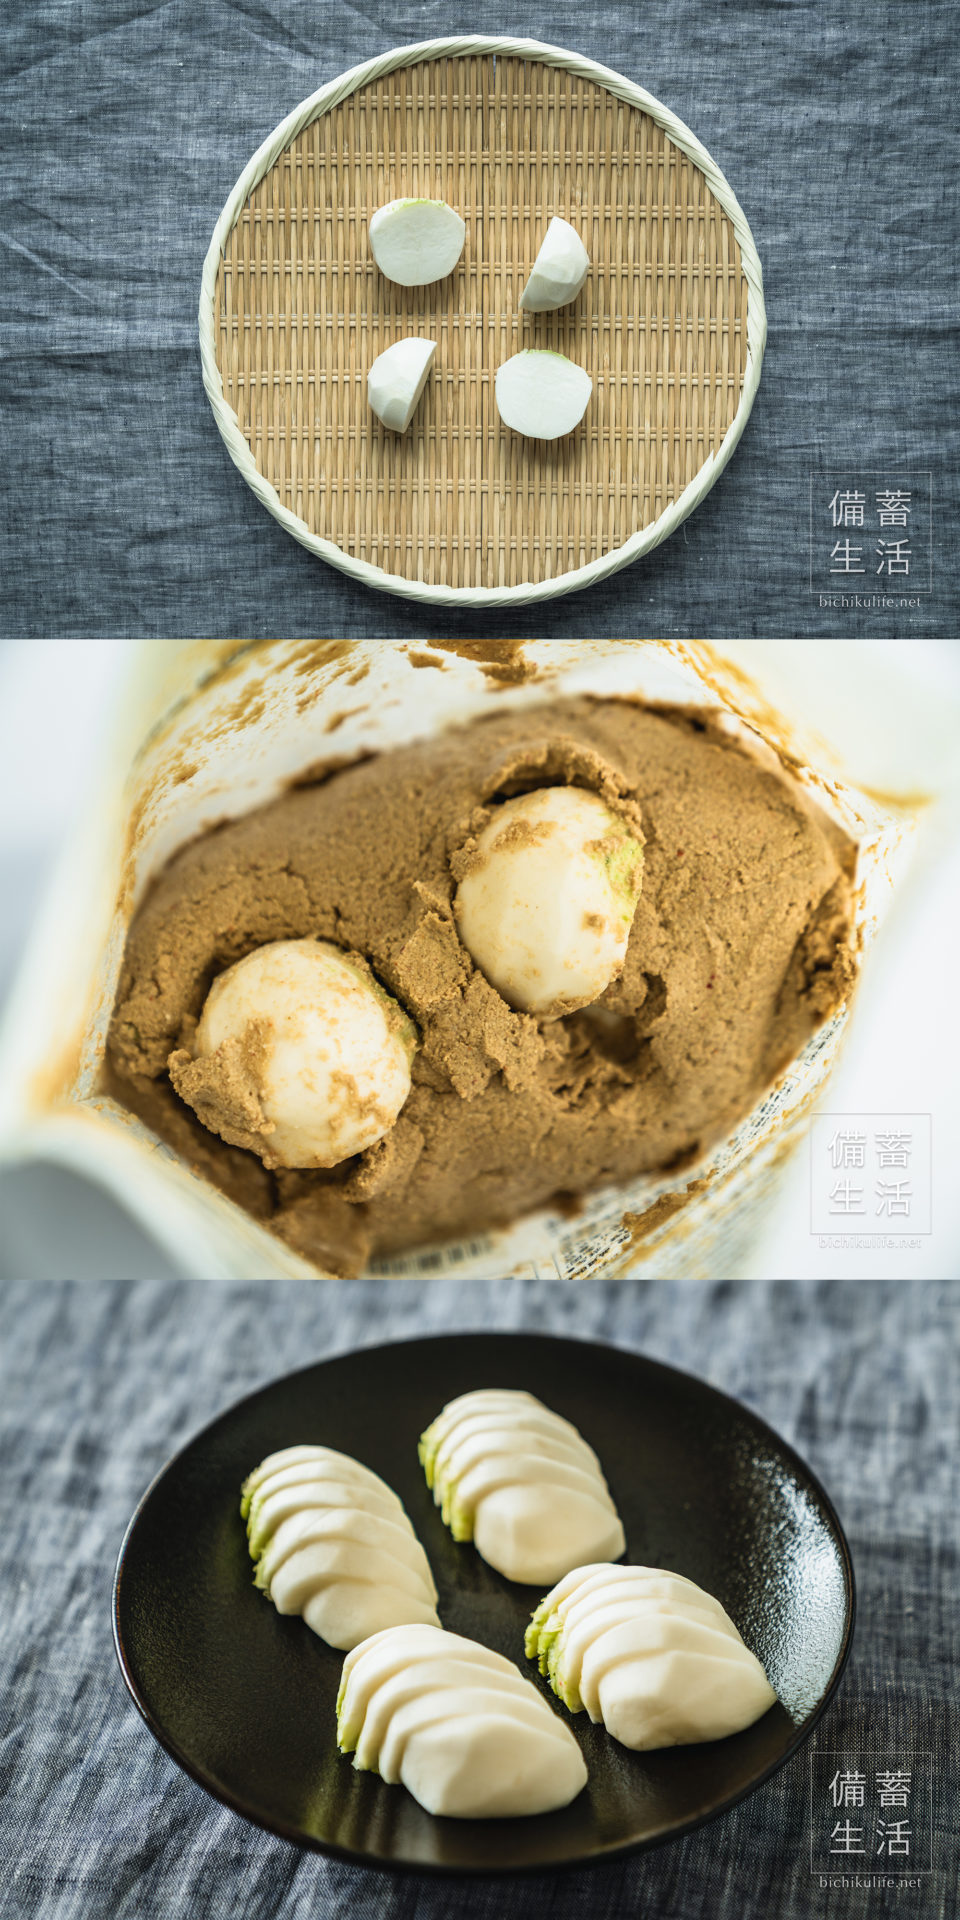 かぶのぬか漬けの作り方・レシピ